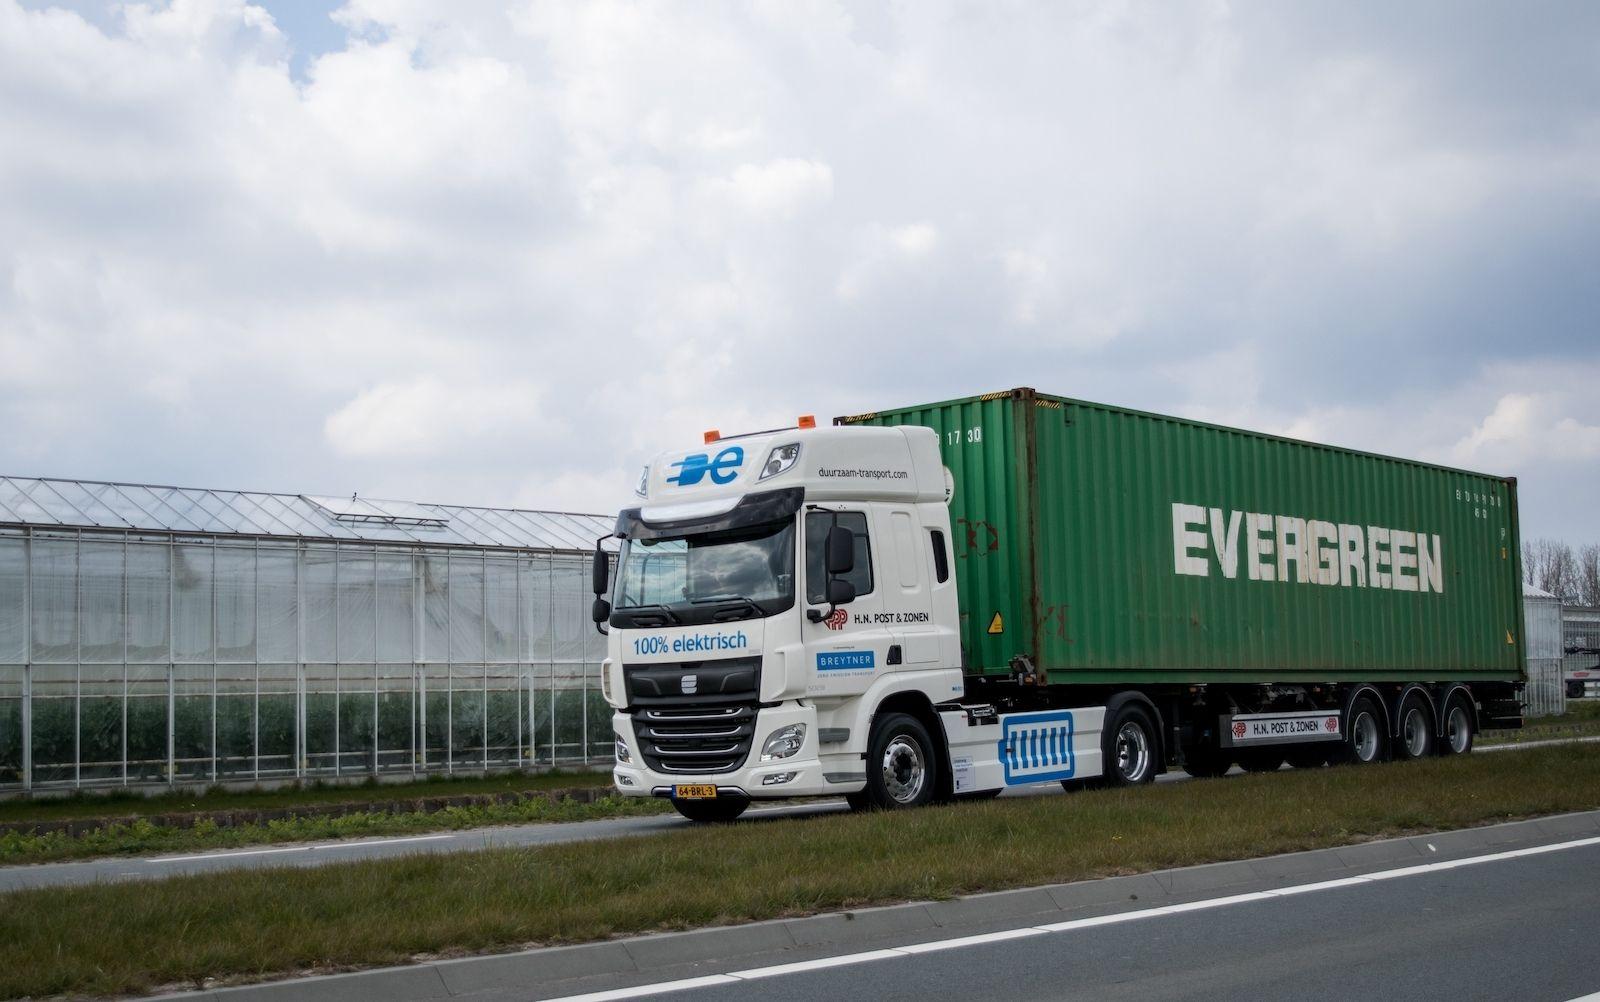 Vrachtwagen duurzaam batterij elektrisch 50 ton trekker transport